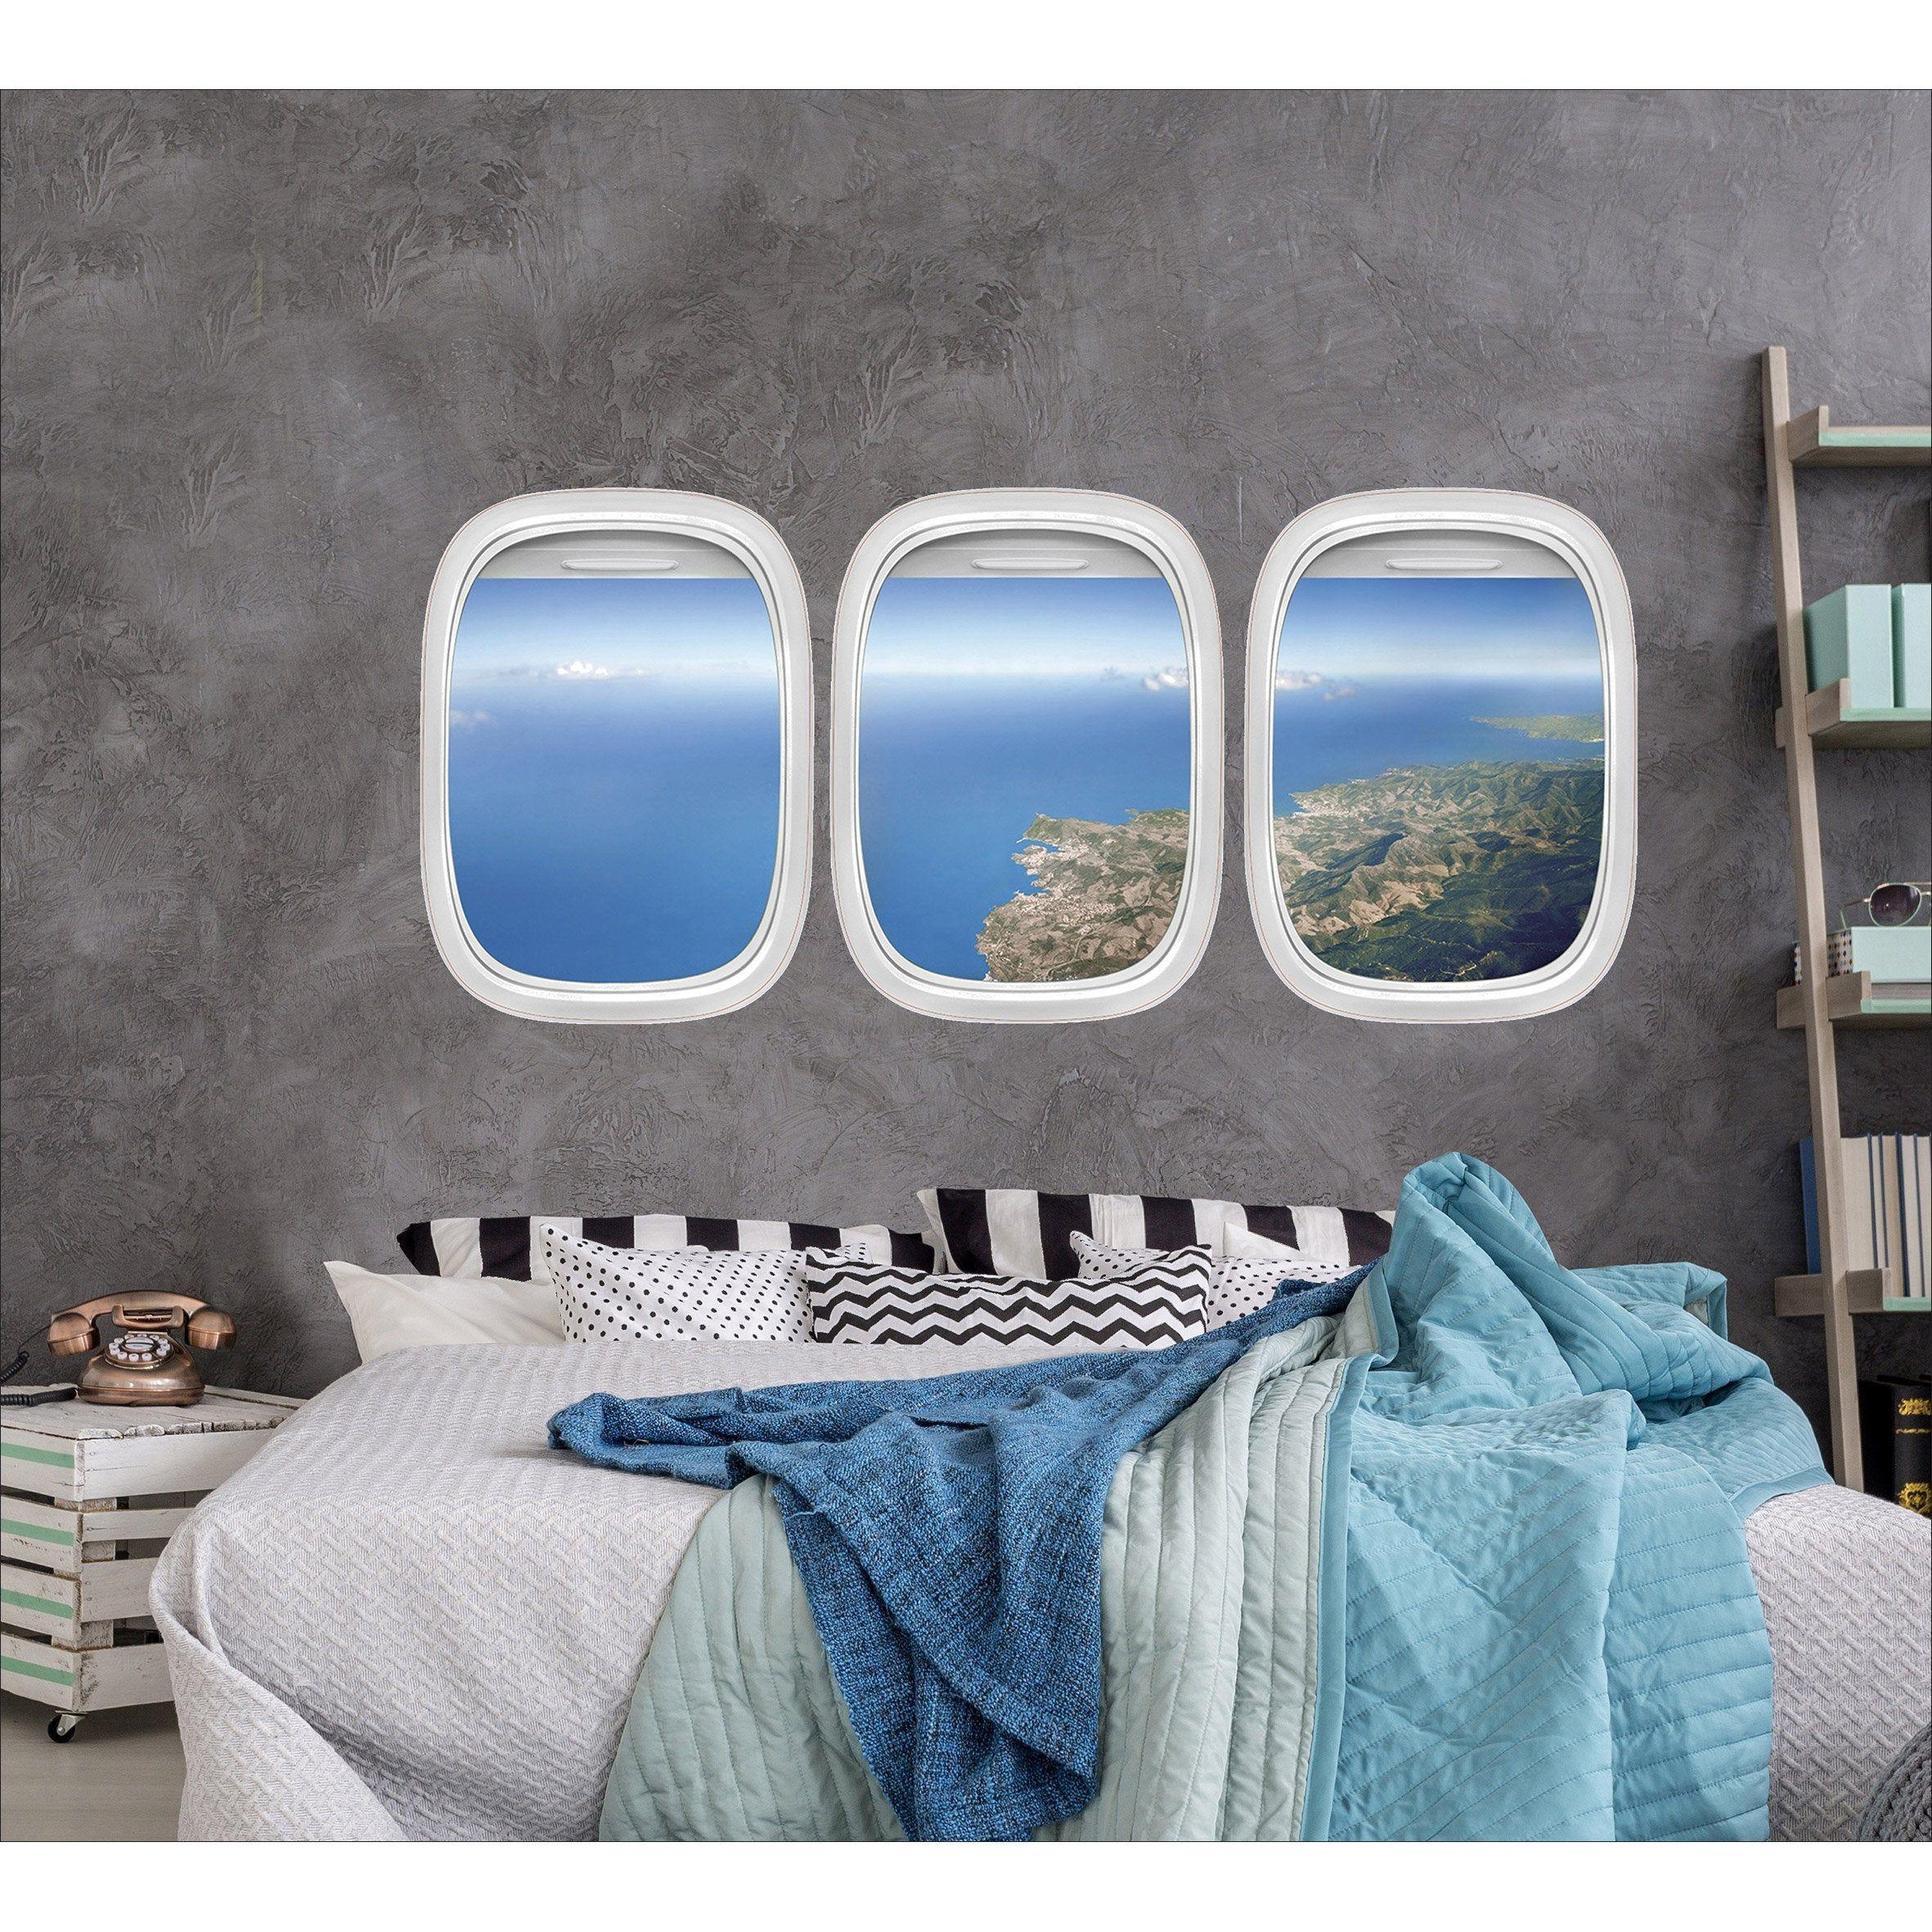 Sticker Tete Lit Adhesive Vue Du Ciel 160 Cm X 60 Cm Plage En 2019 Sticker Tete De Lit Decoration Voyage Et Chambres Plage